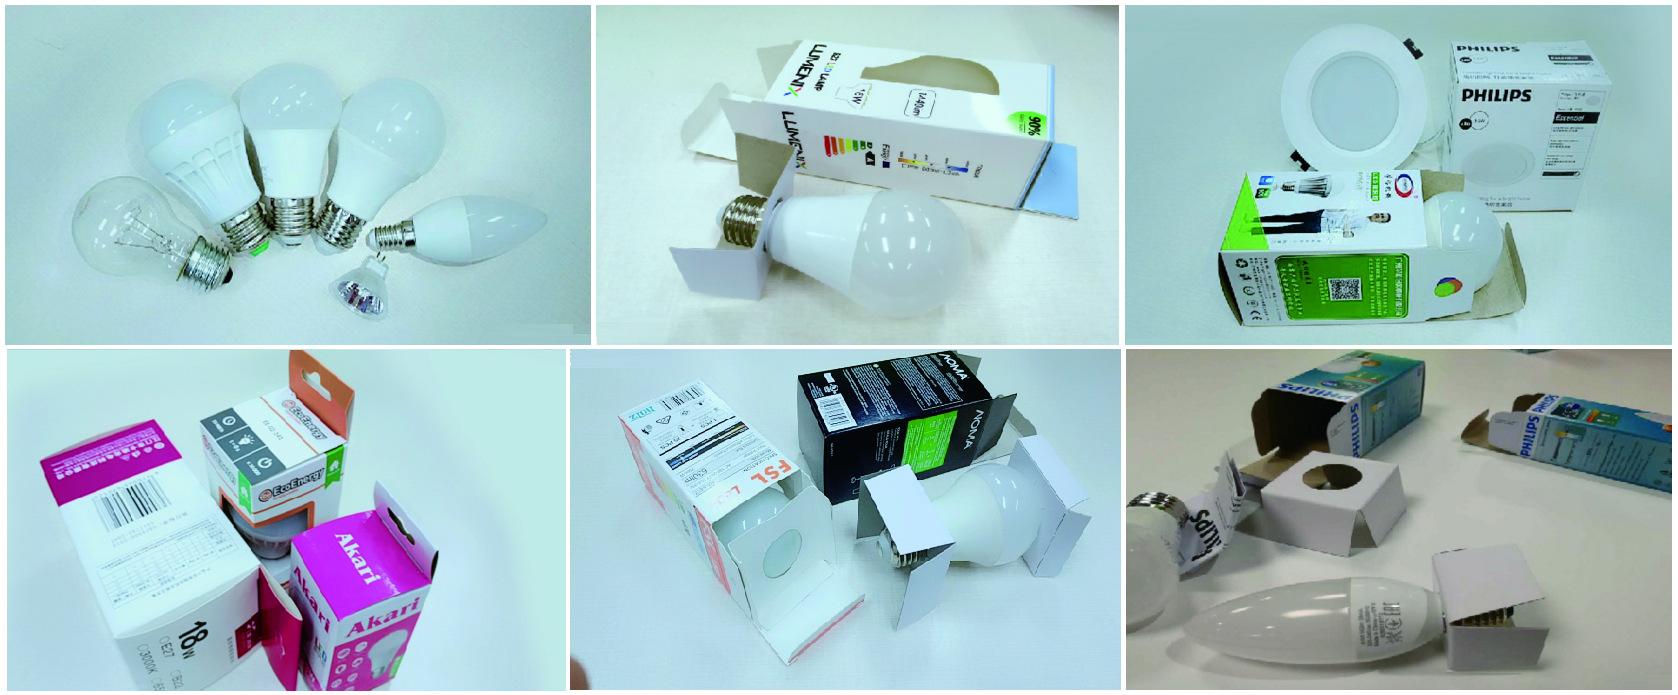 蛋卷自动装盒机 食品包装机械广州机械加工厂家喷胶封口热熔胶示例图139